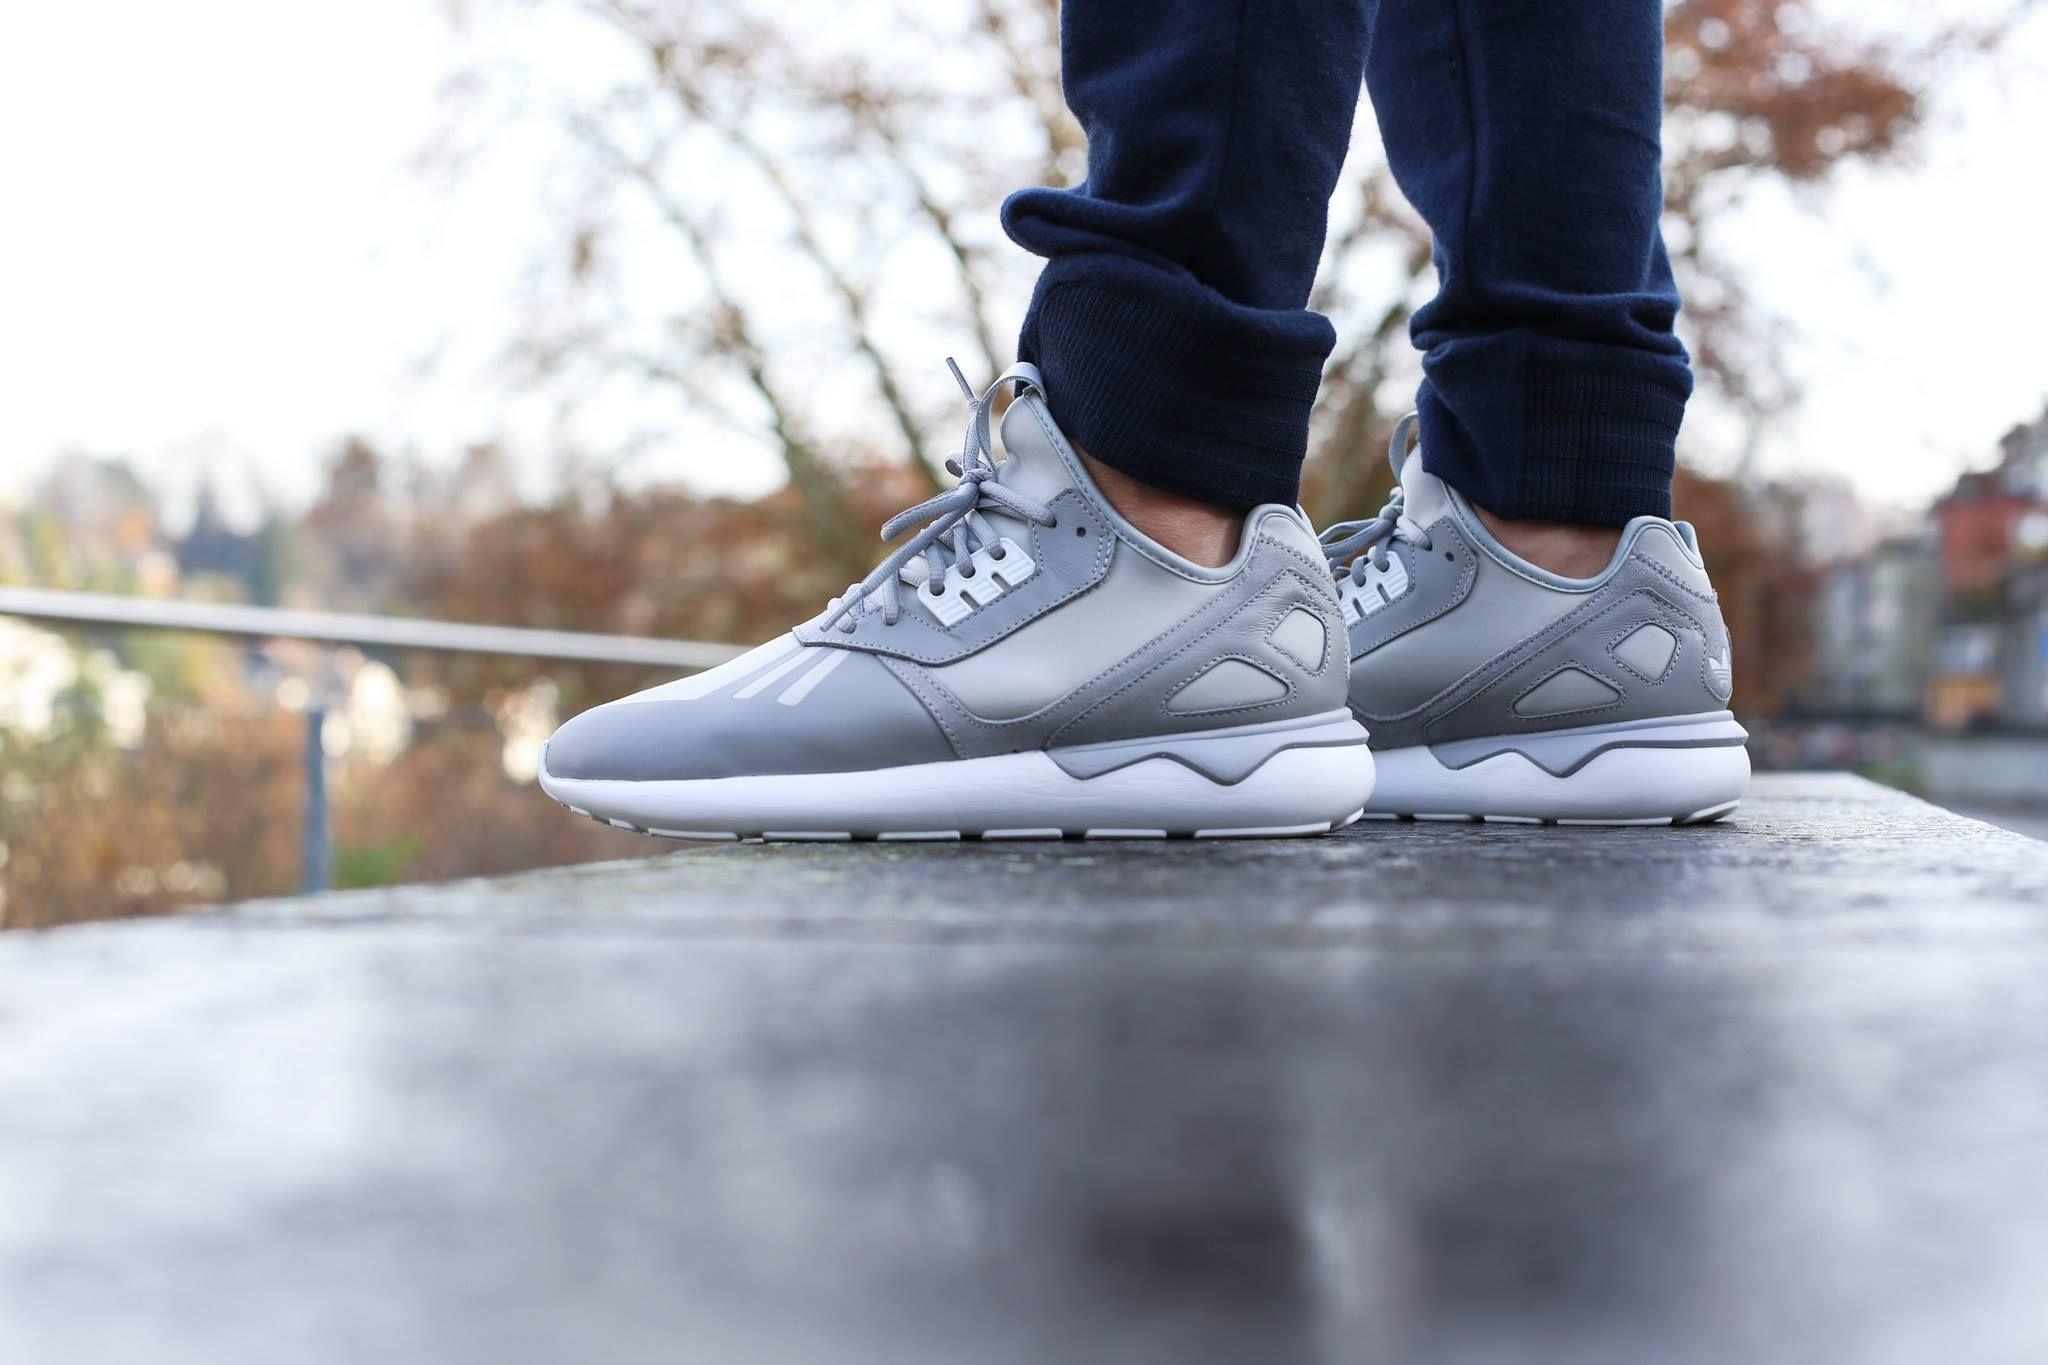 Adidas Tubular Shoes Grey